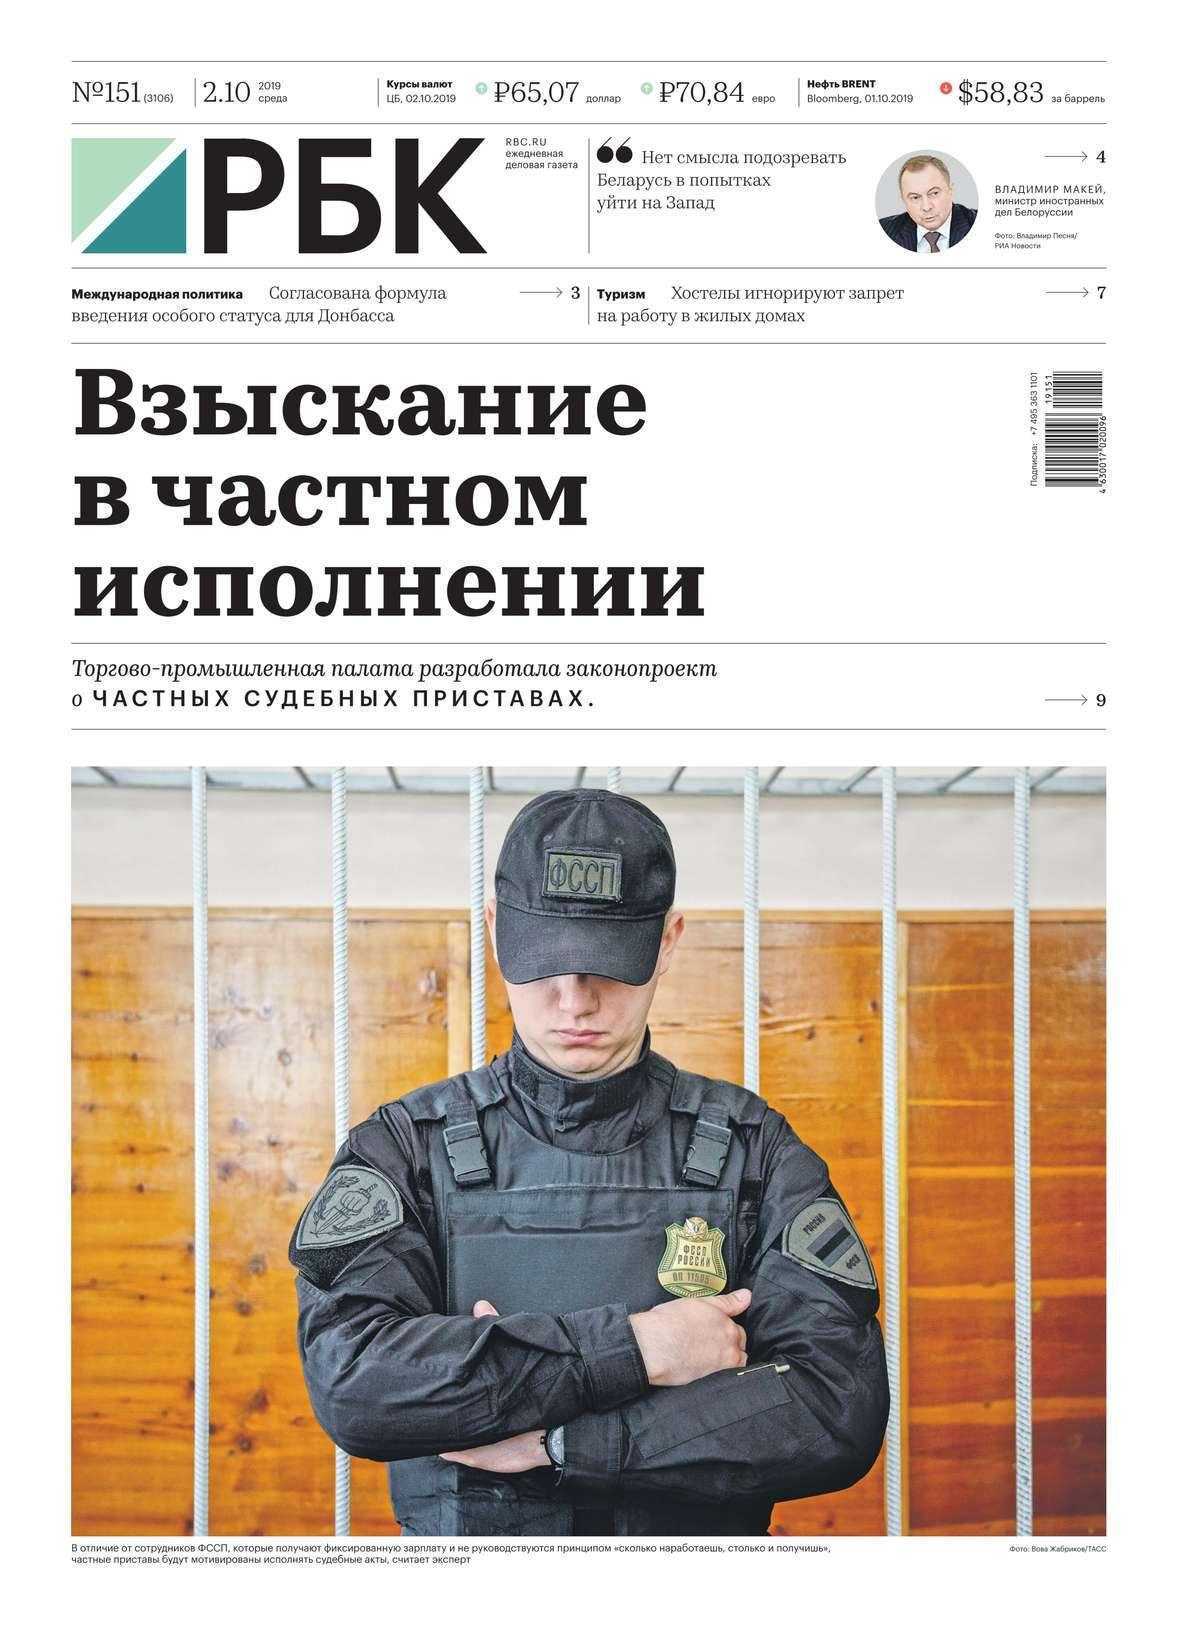 Ежедневная Деловая Газета Рбк 151-2019